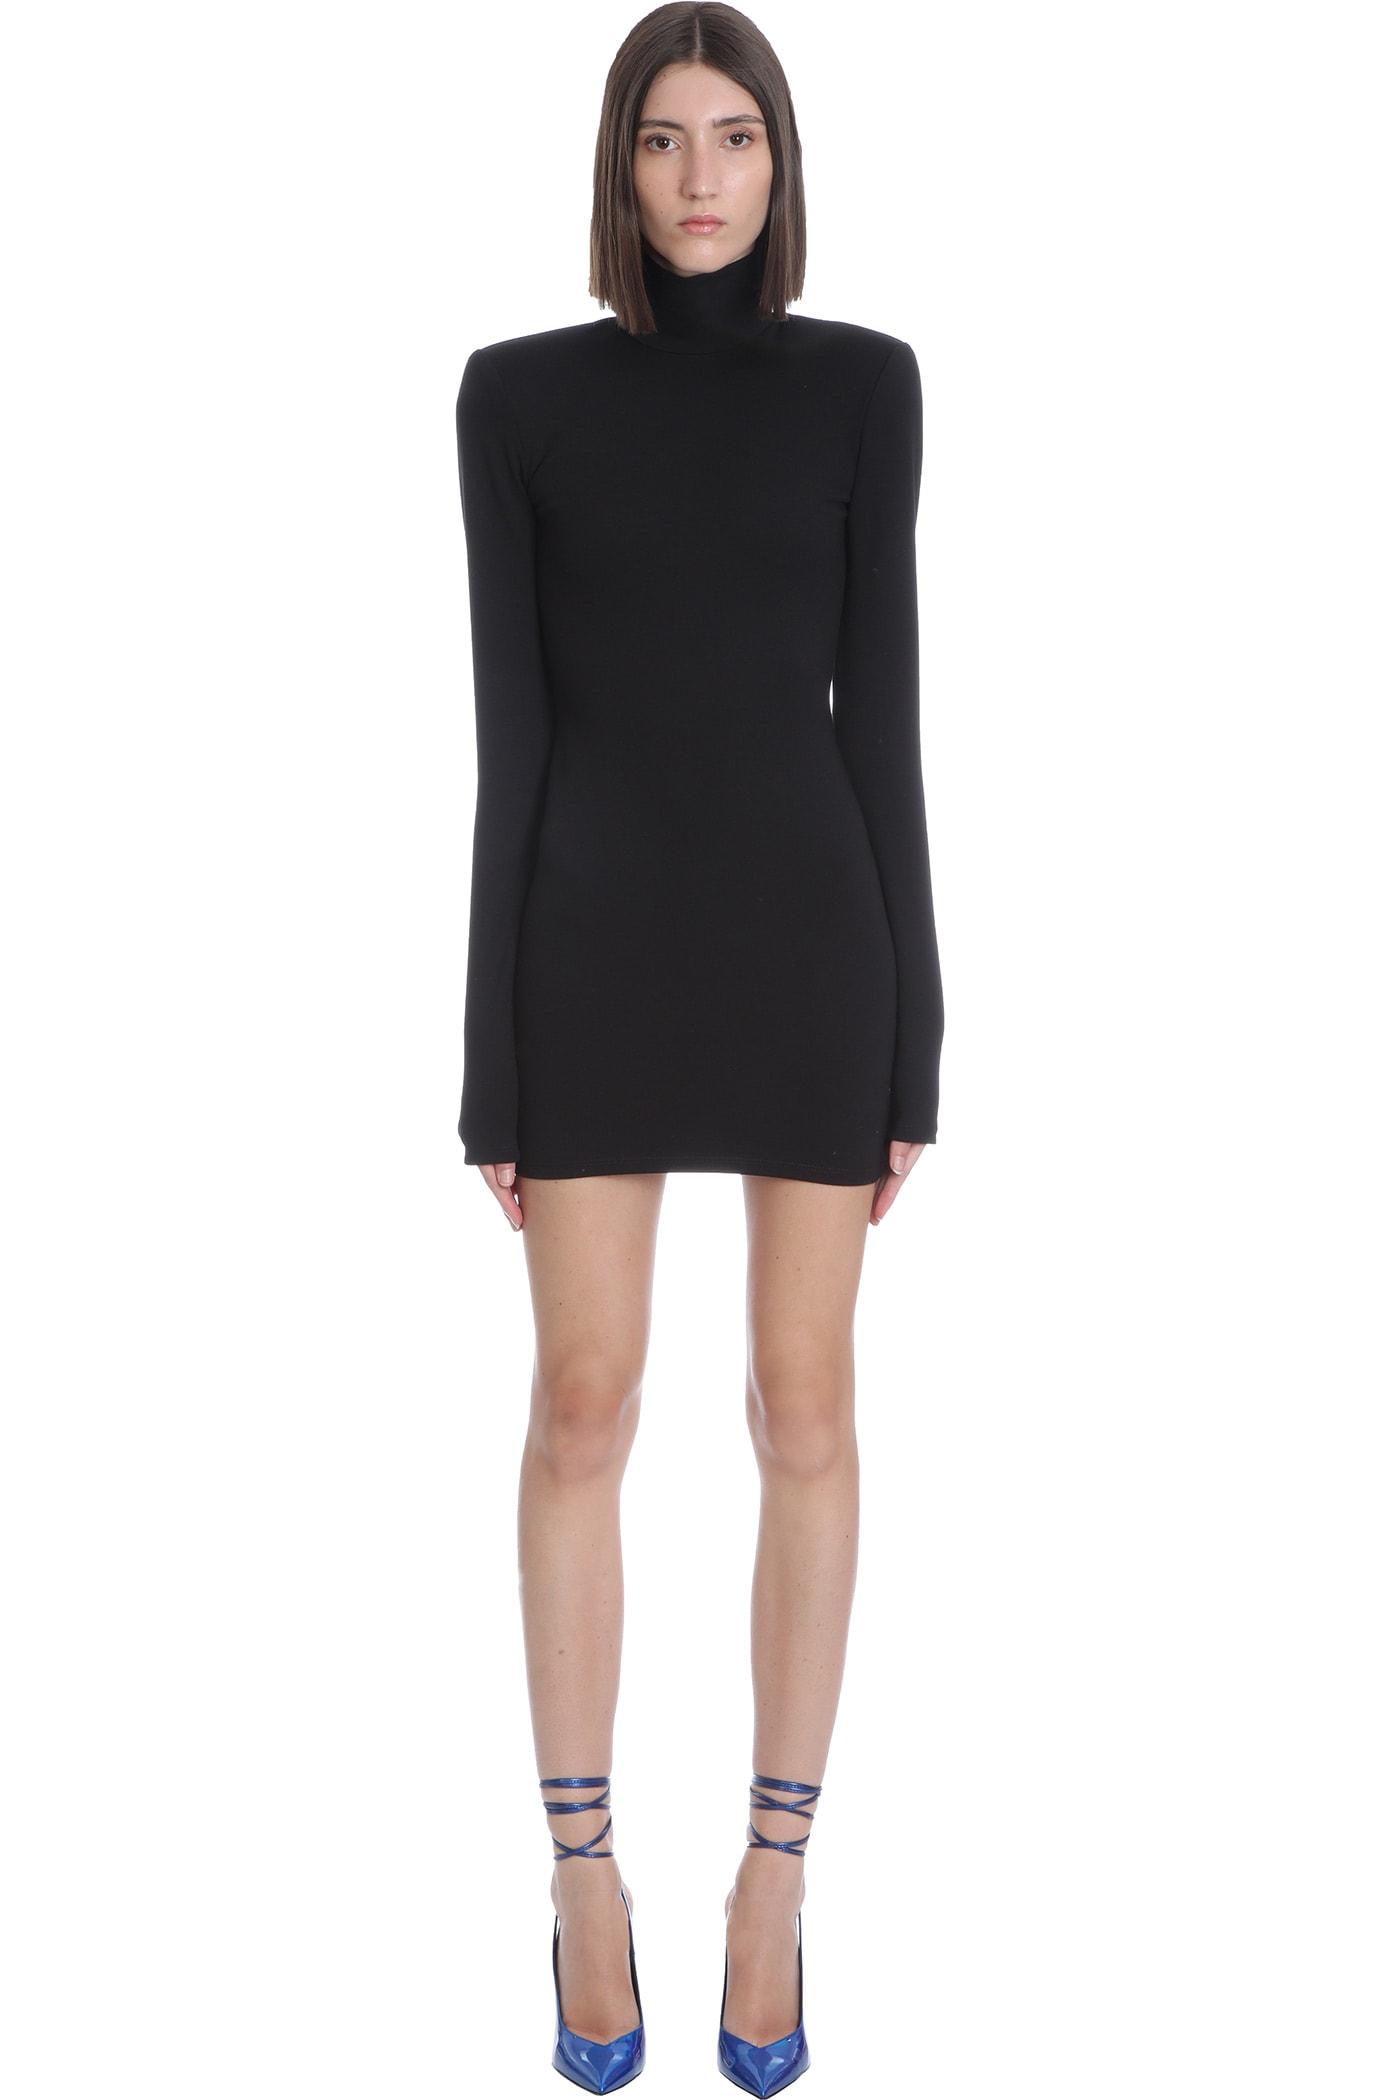 Hilda Mini Dress In Black Viscose